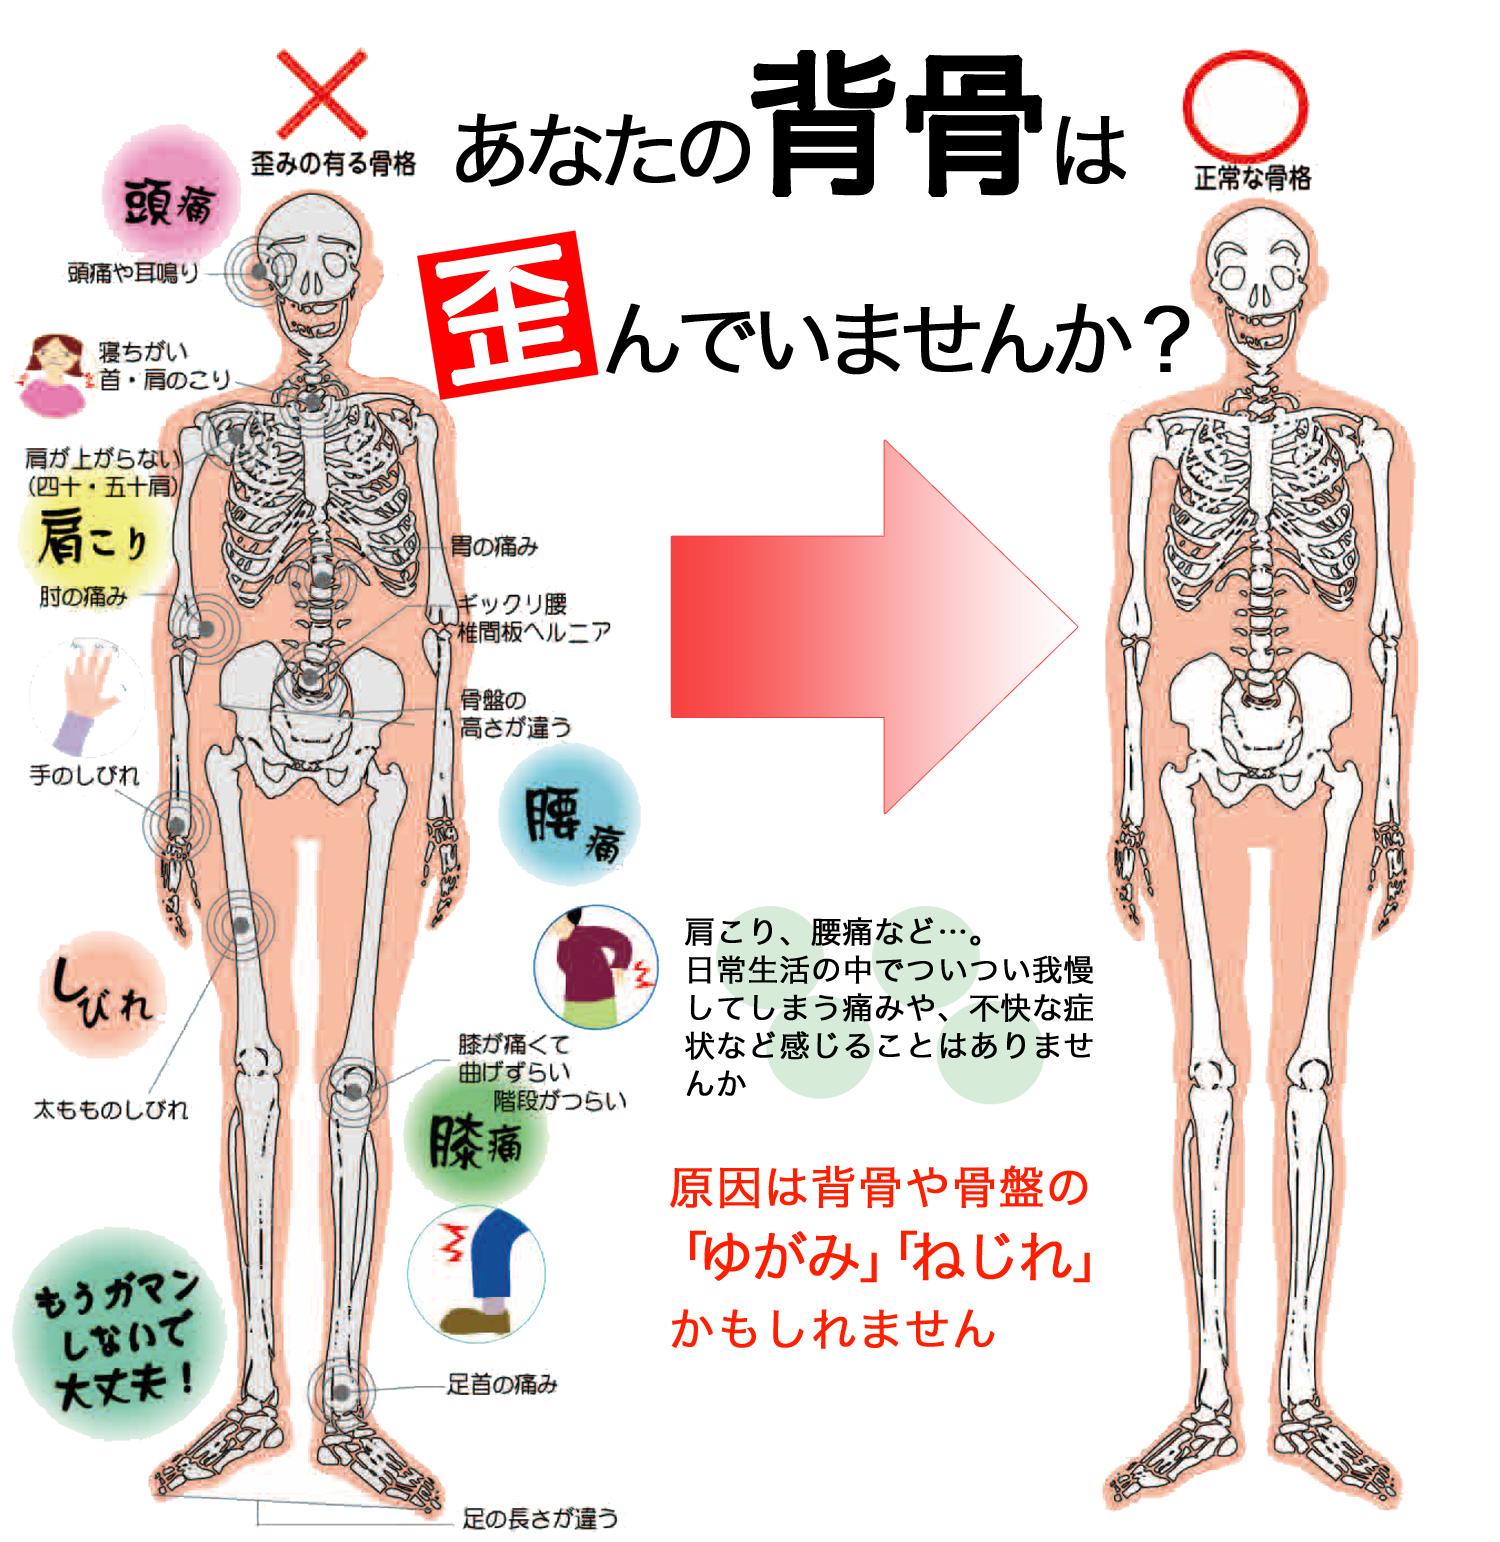 あなたの背骨は歪んでいませんか?